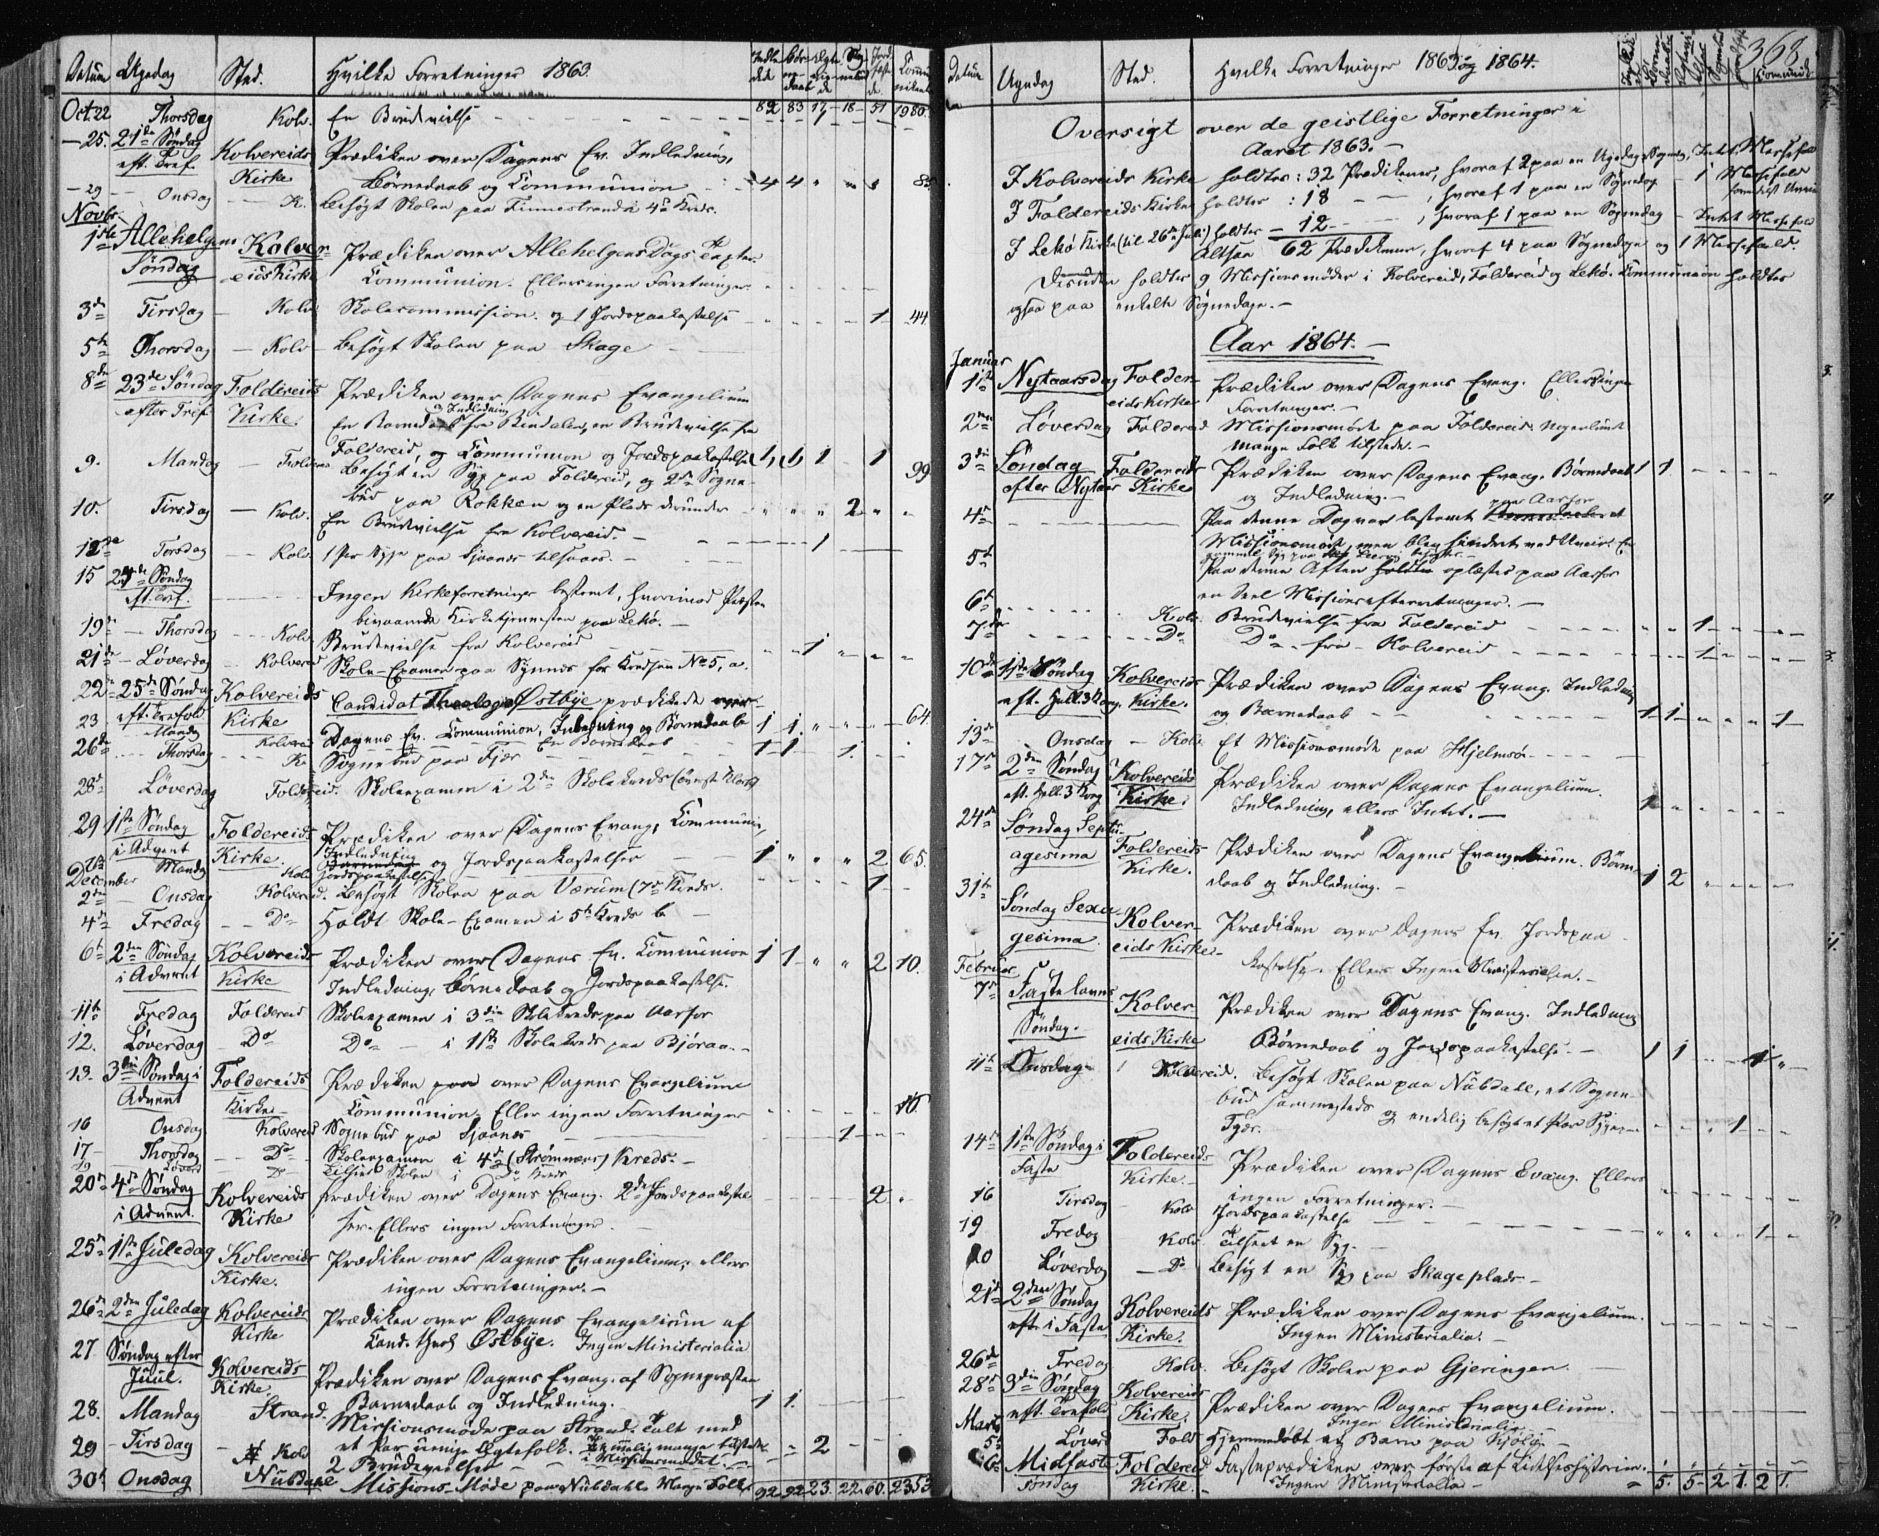 SAT, Ministerialprotokoller, klokkerbøker og fødselsregistre - Nord-Trøndelag, 780/L0641: Ministerialbok nr. 780A06, 1857-1874, s. 368